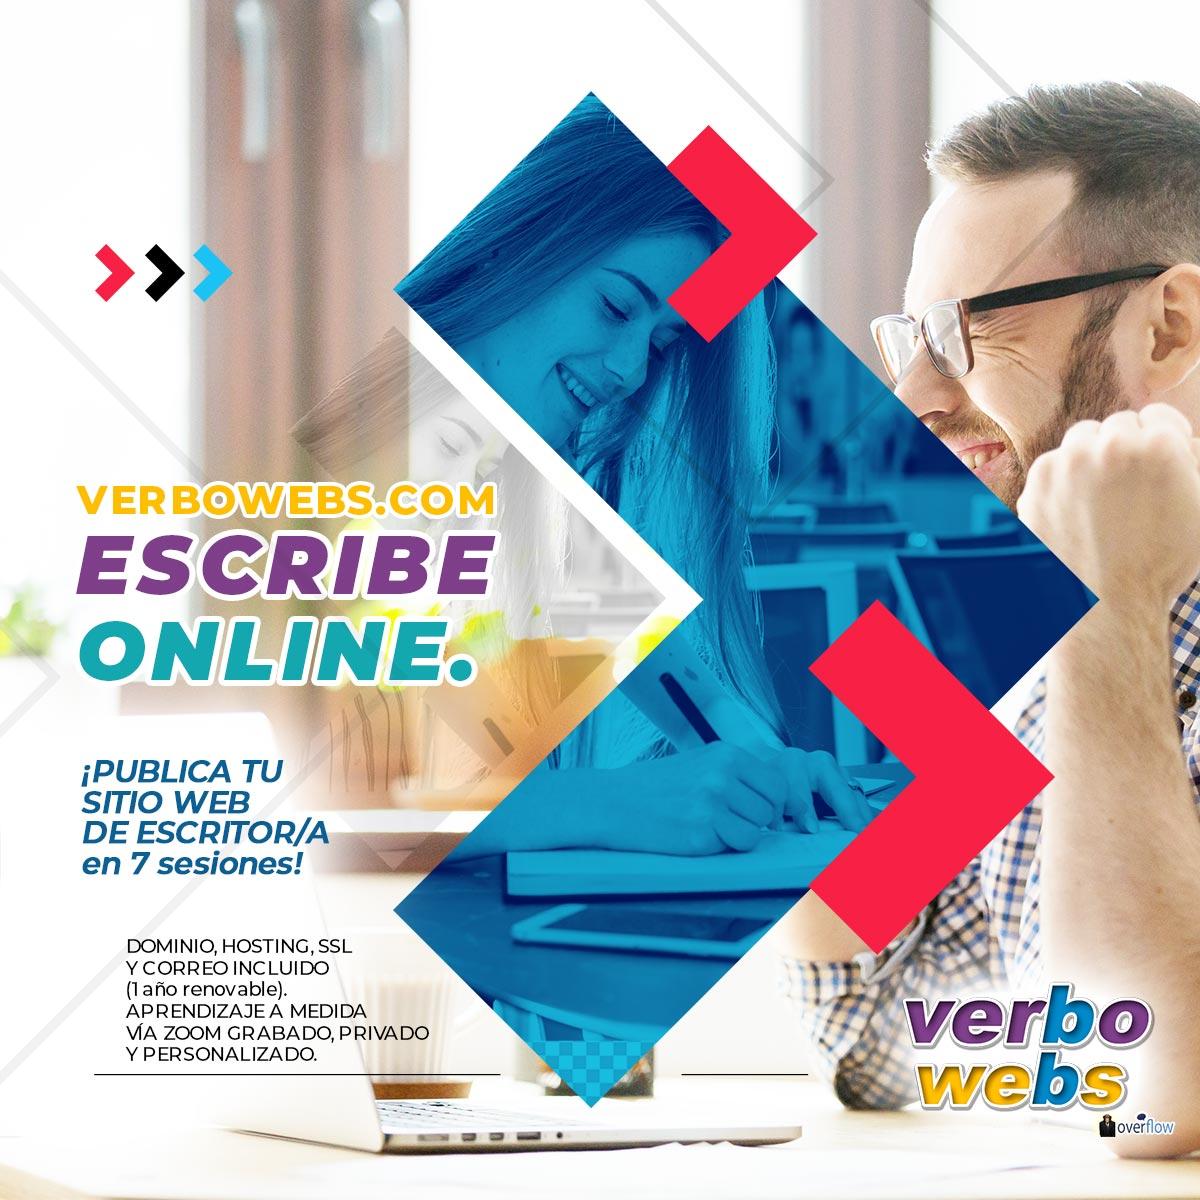 Suscribe un Sitio web de Escritor Digital - VerboWebs.com